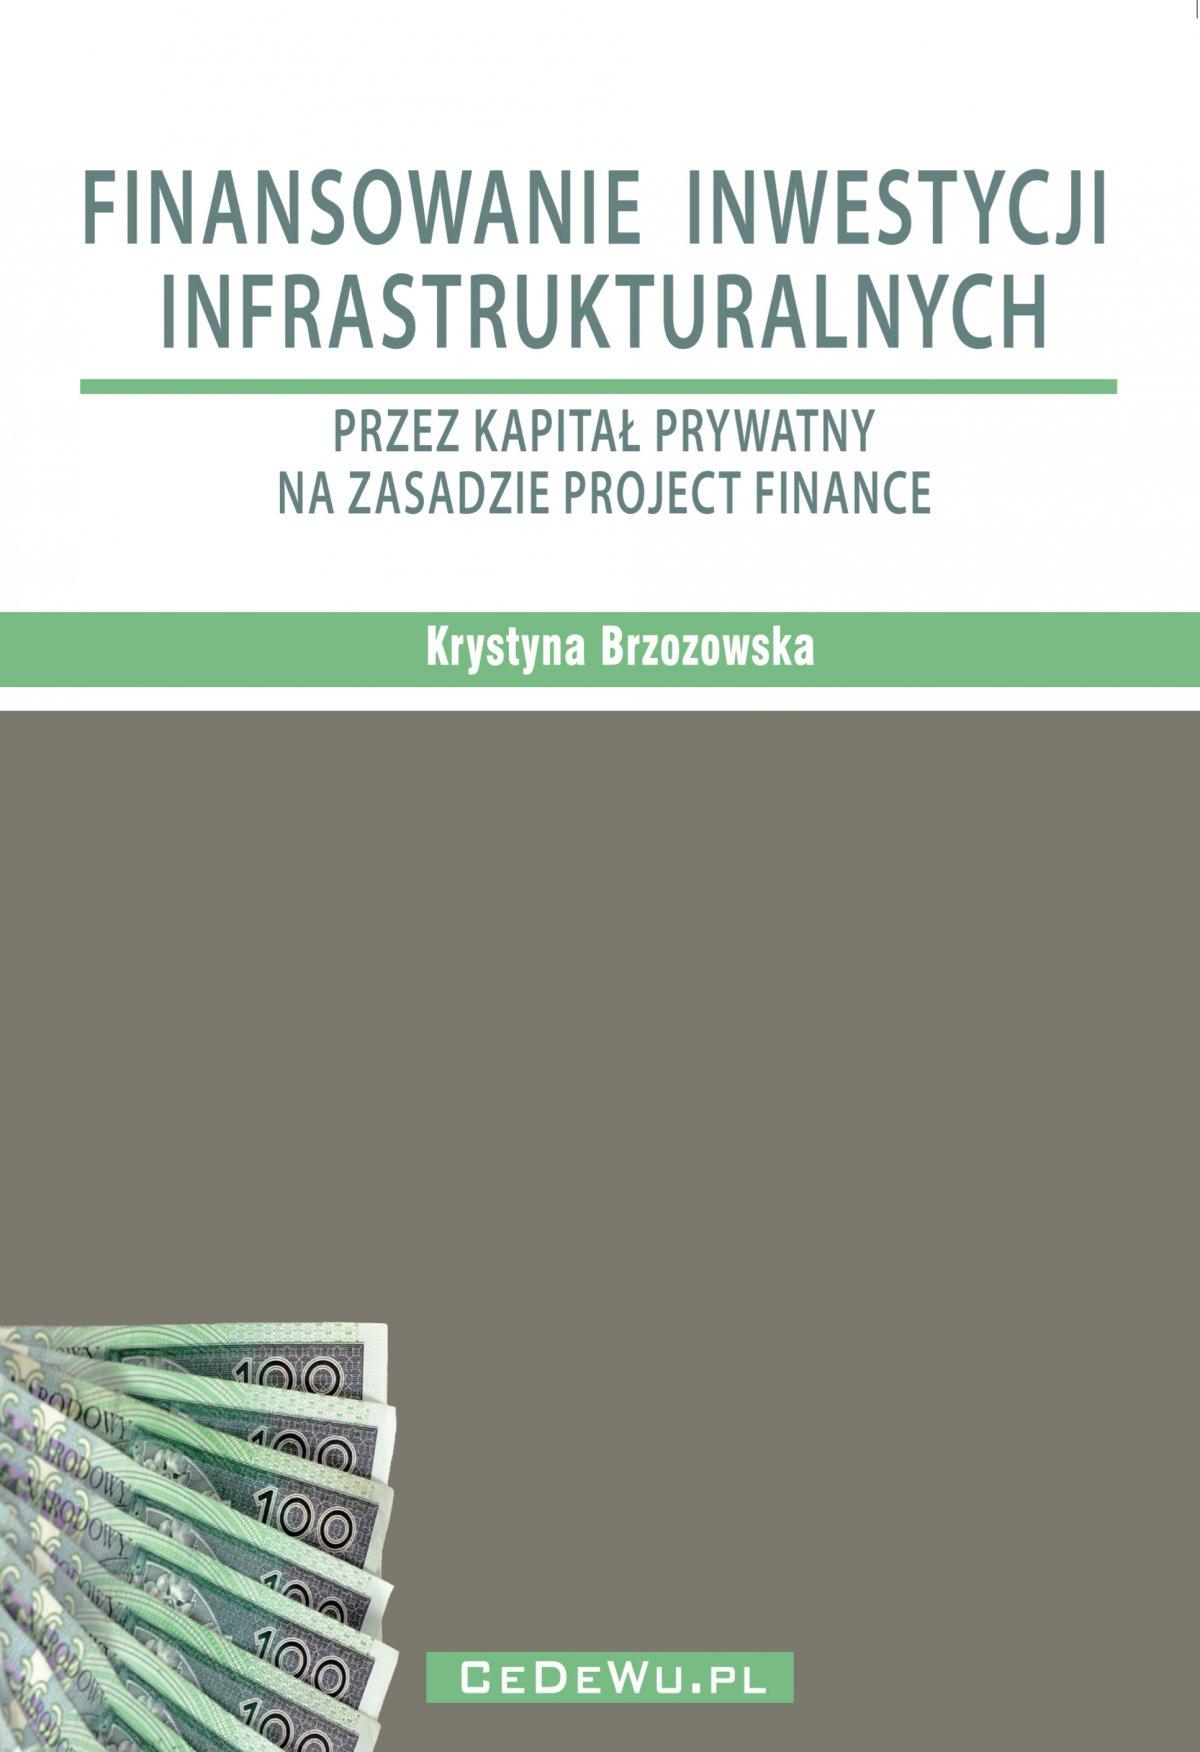 Finansowanie inwestycji infrastrukturalnych przez kapitał prywatny na zasadzie project finance (wyd. II). Rozdział 1. INFRASTRUKTURA GOSPODARCZA – POJĘCIE, ROZWÓJ, ZNACZENIE - Ebook (Książka PDF) do pobrania w formacie PDF